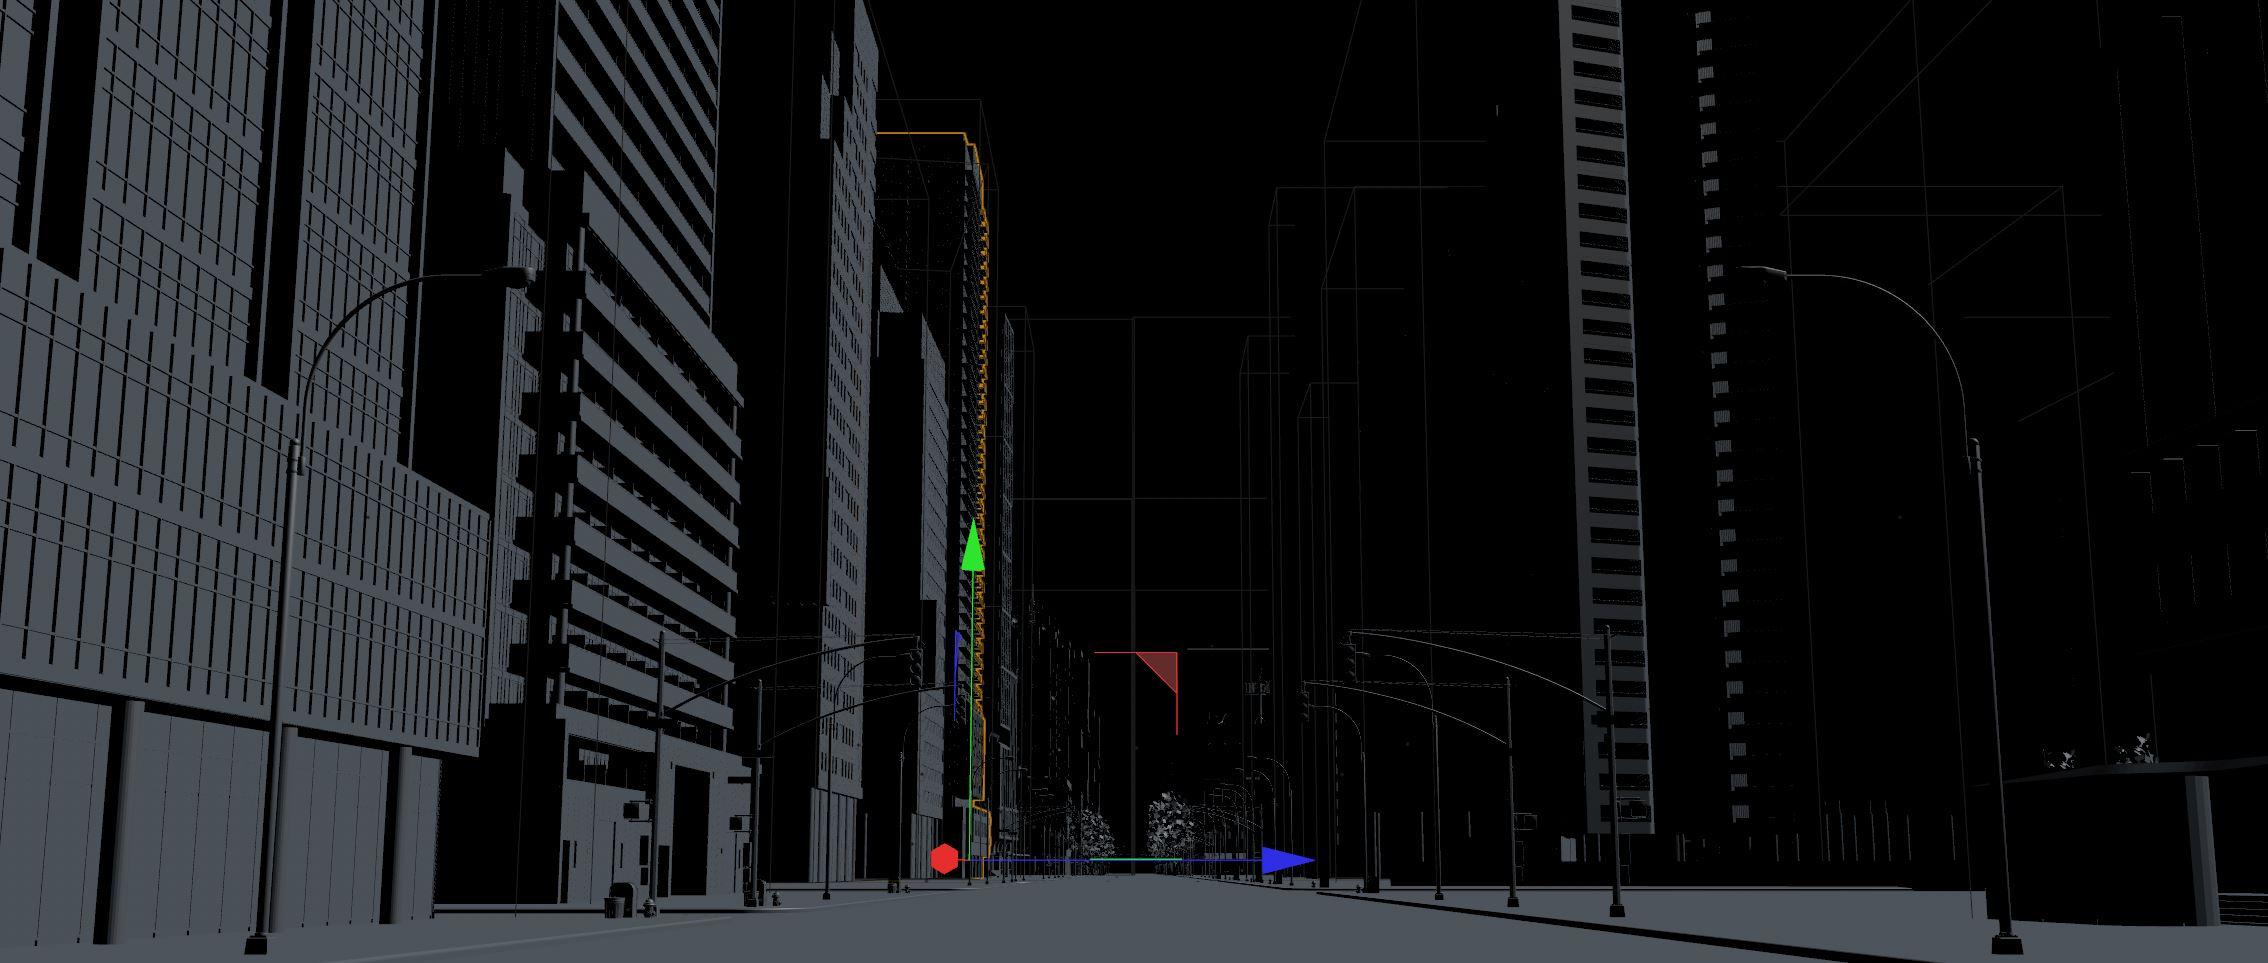 City_screenshot4.JPG